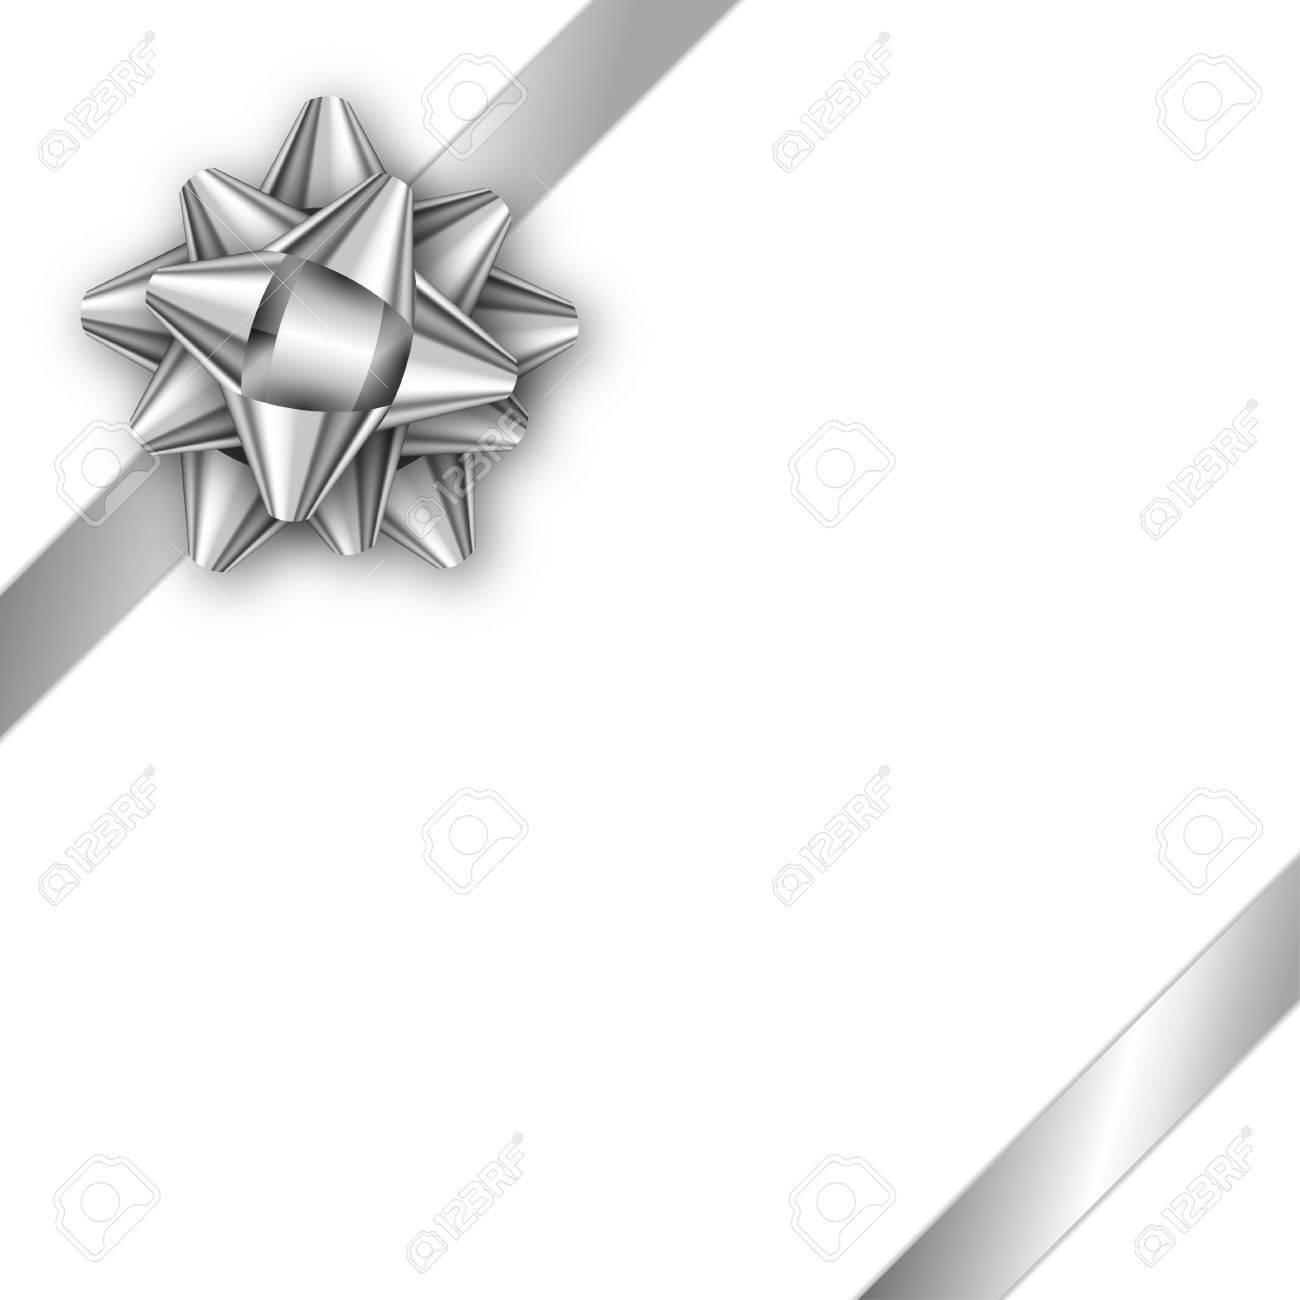 Feriengeschenkkarte Mit Silbernem Band Und Bogen. Vorlage Für Eine ...